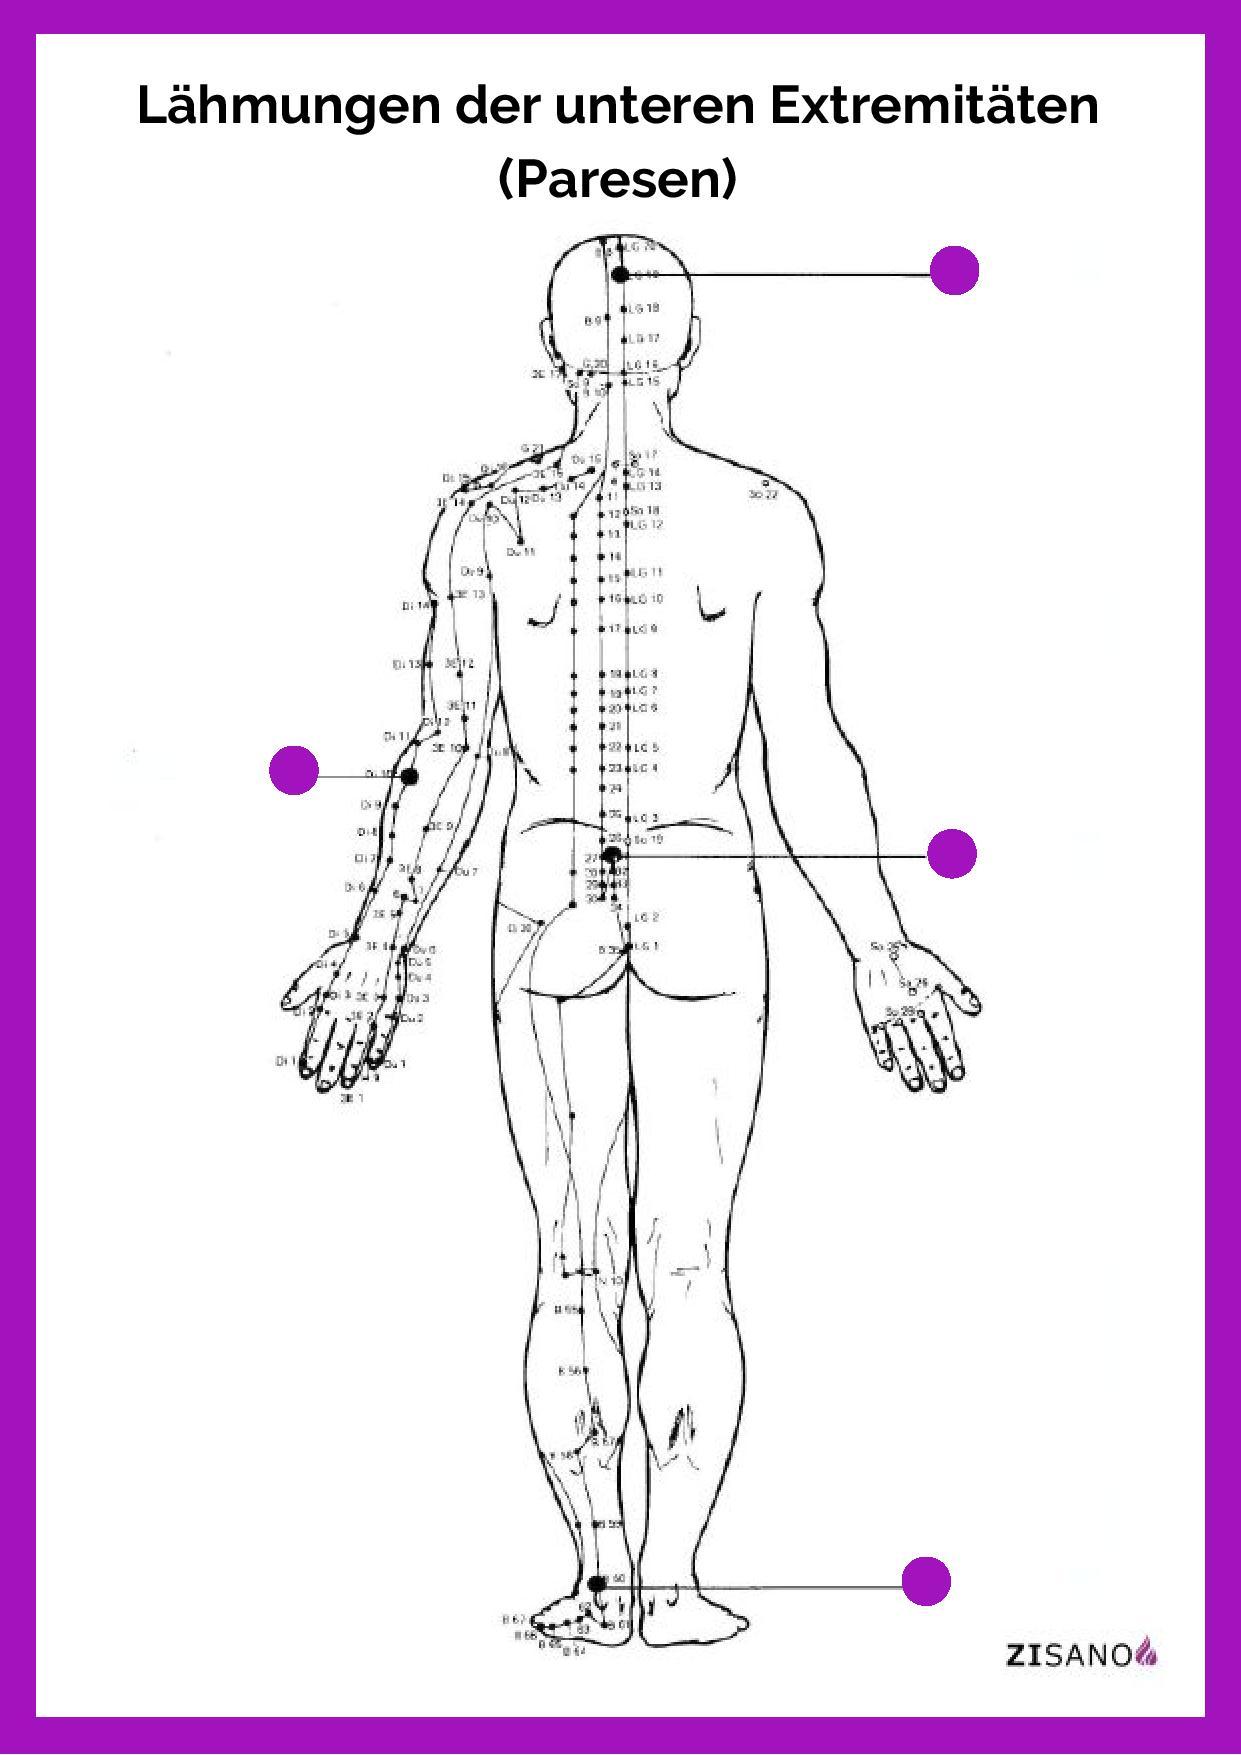 Meridiane - Lähmungen der unteren Extremitäten - Paresen - Beschwerden